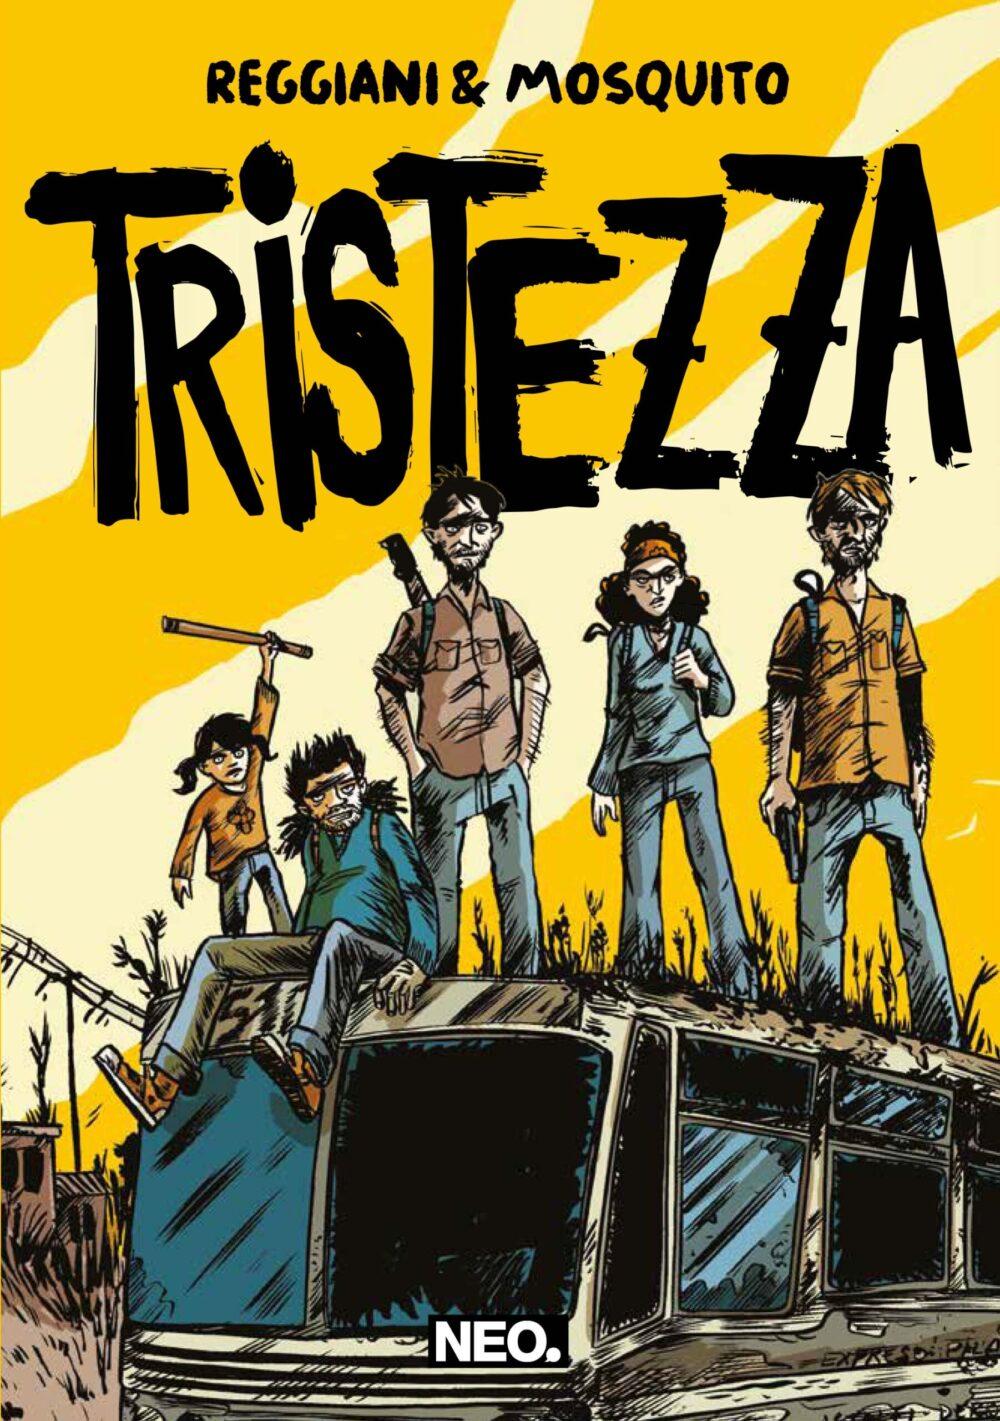 Recensione di Tristezza – Reggiani & Mosquito